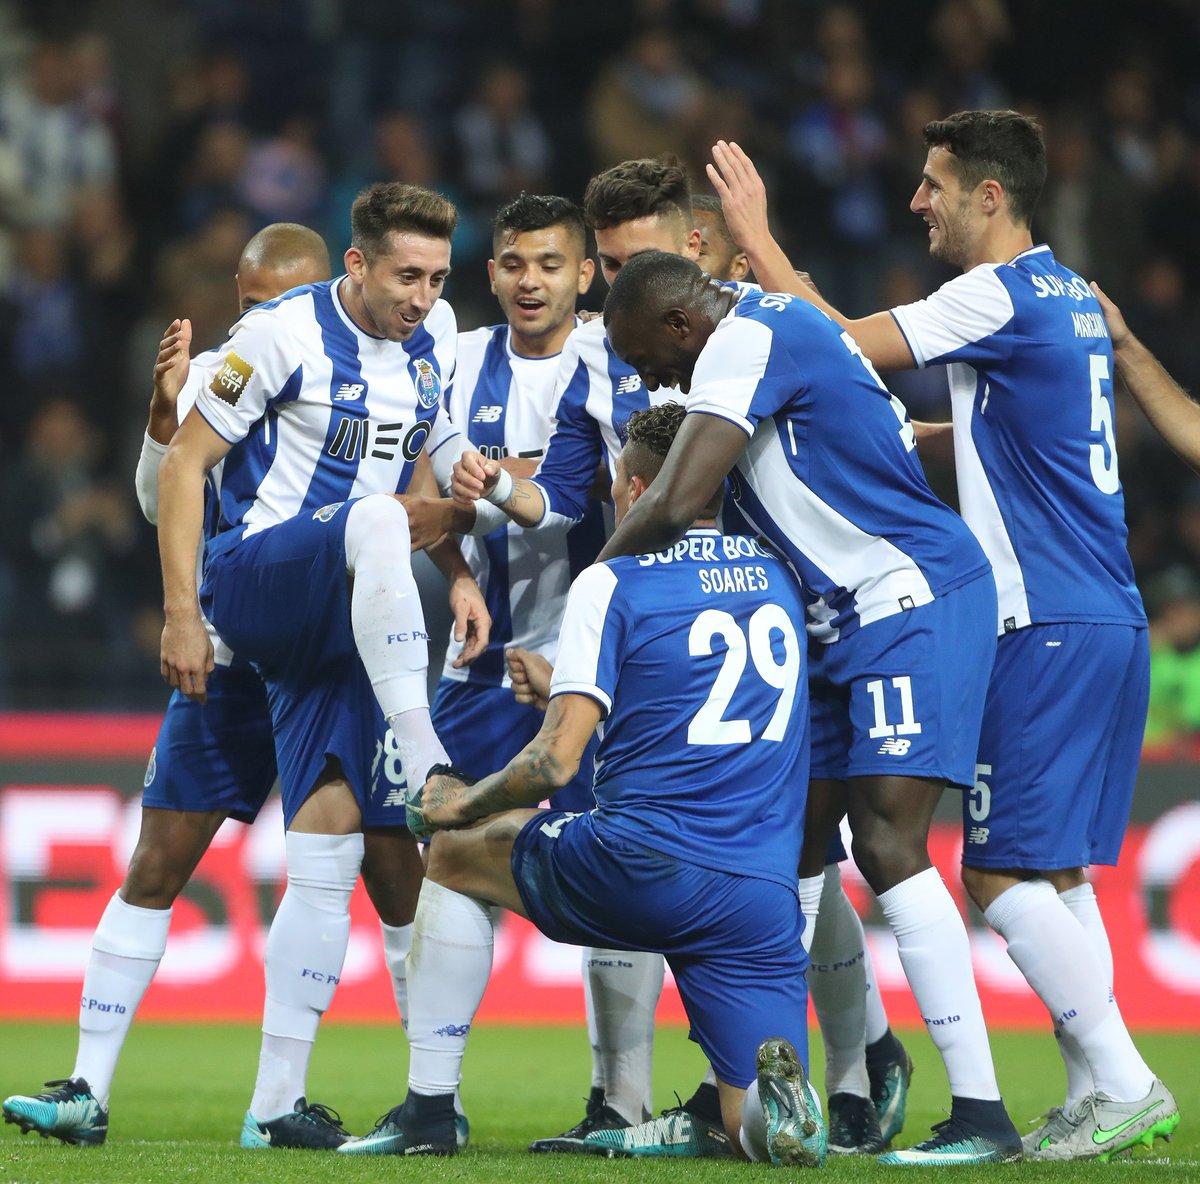 🔵⚪️  Dia de FC Porto! 👉 FC Paços de Ferreira-FC Porto ⌚️ 20h15 📍 Estádio Capital do Móvel 📺 RTP 1/ Sport TV1 ➡️ Taça CTT #FCPorto #FCPFFCP #MarAzul